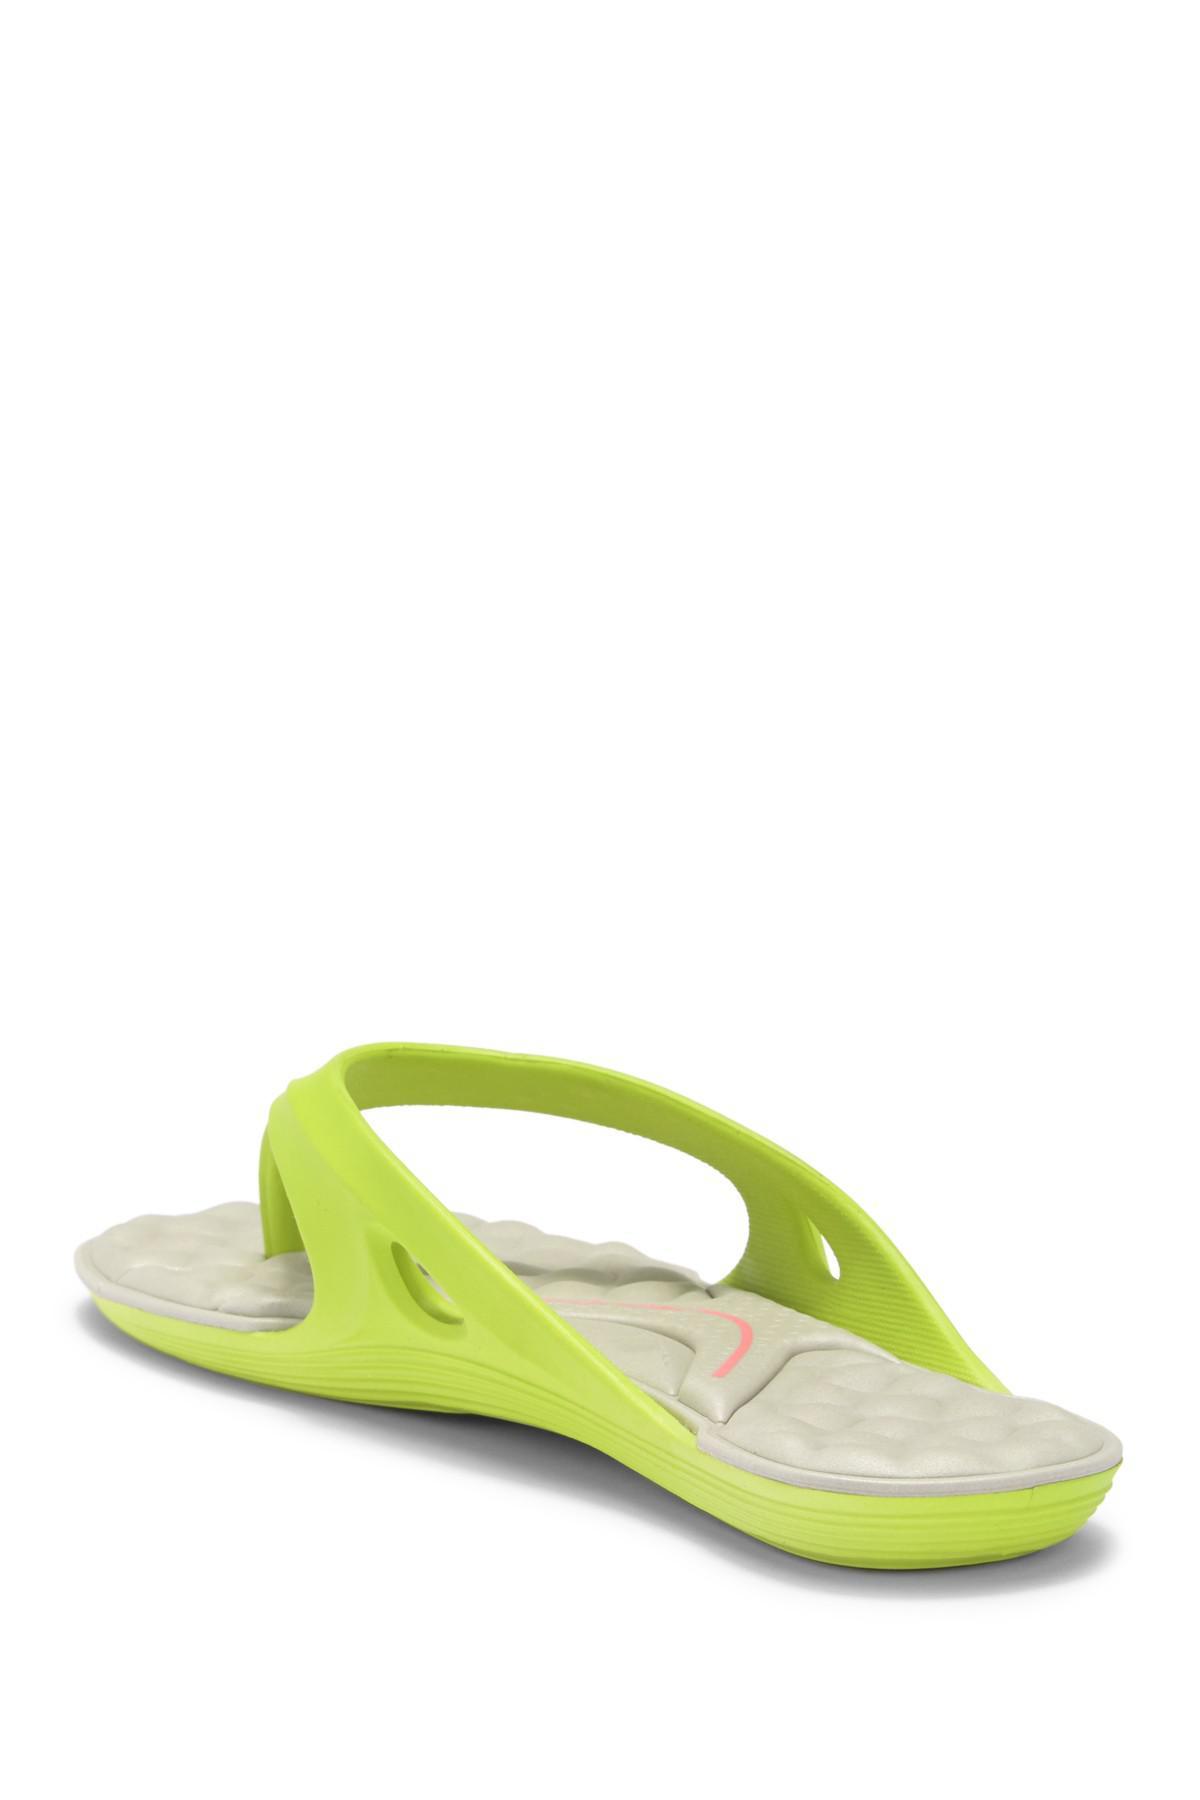 598eb3d696486 Lyst - Rider Monza Ii Waterproof Flip-flop (women) in Green